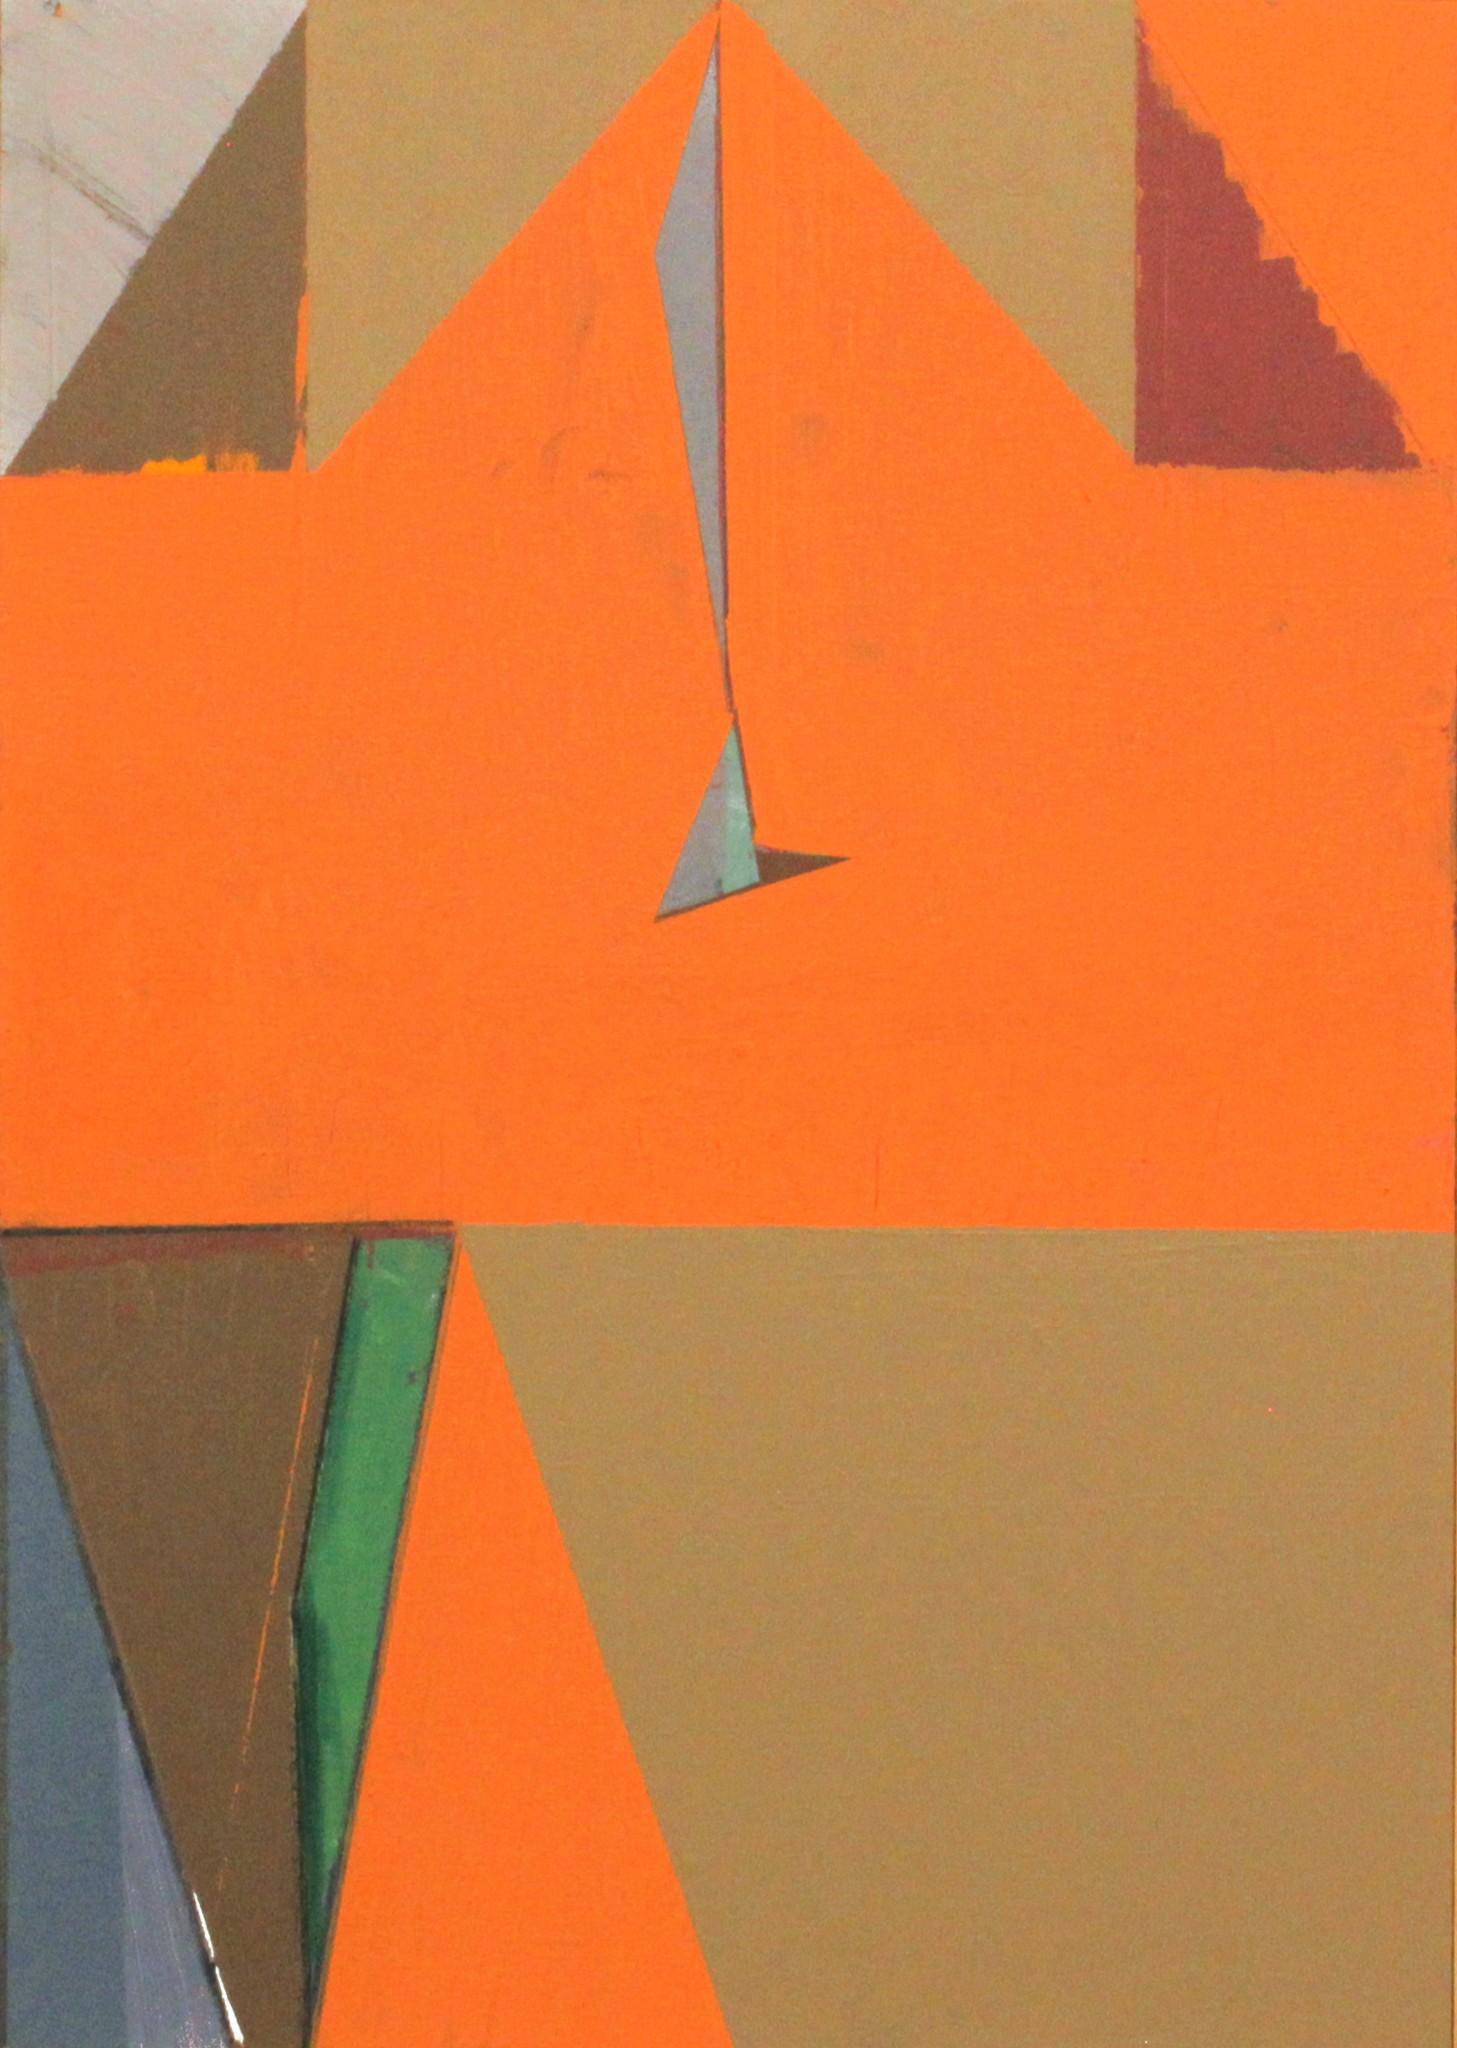 olja på duk, furu list, 88 x 62 cm,,2019